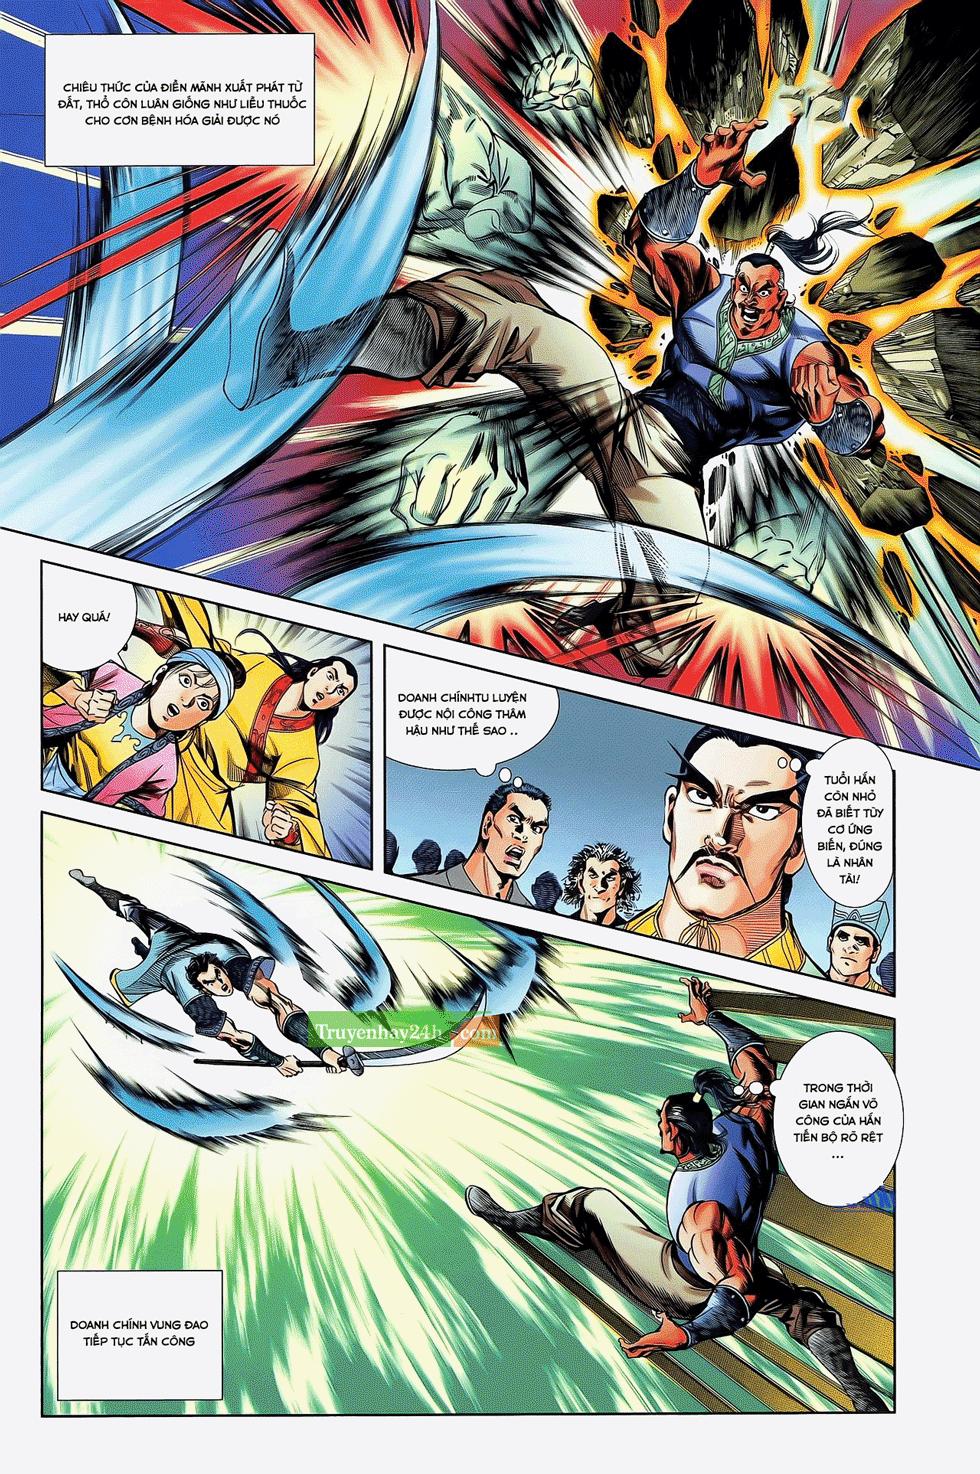 Tần Vương Doanh Chính chapter 22 trang 12